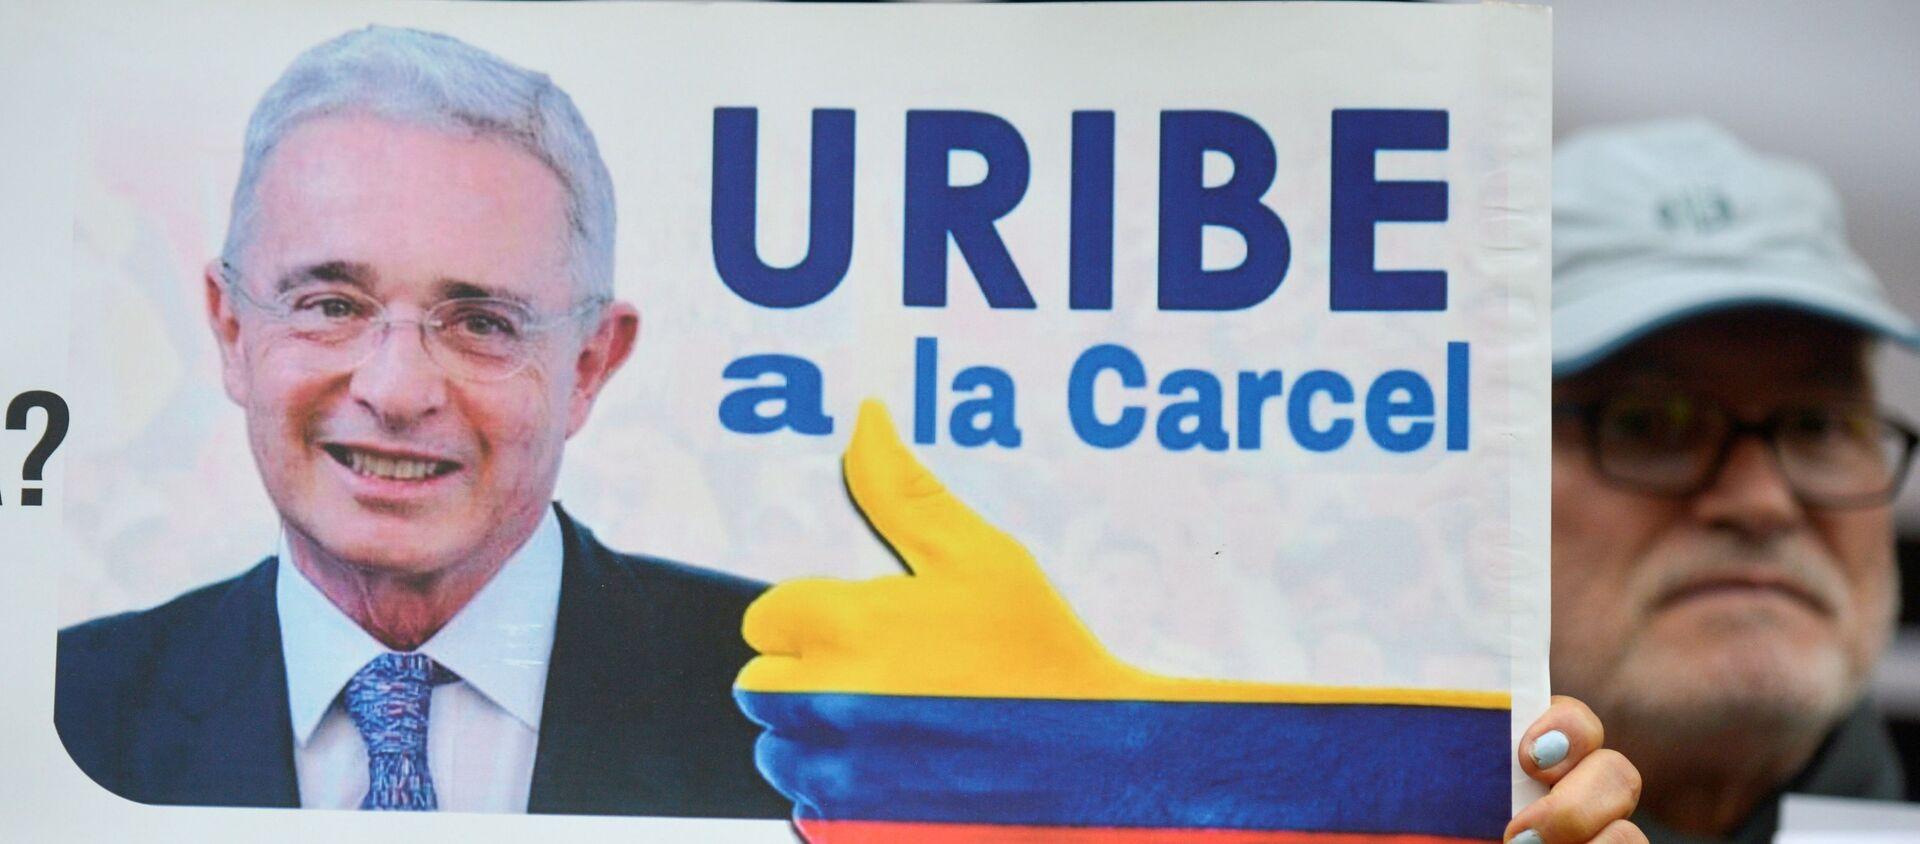 Una pancarta contra Álvaro Uribe, senador y expresidente colombiano  - Sputnik Mundo, 1920, 25.08.2020